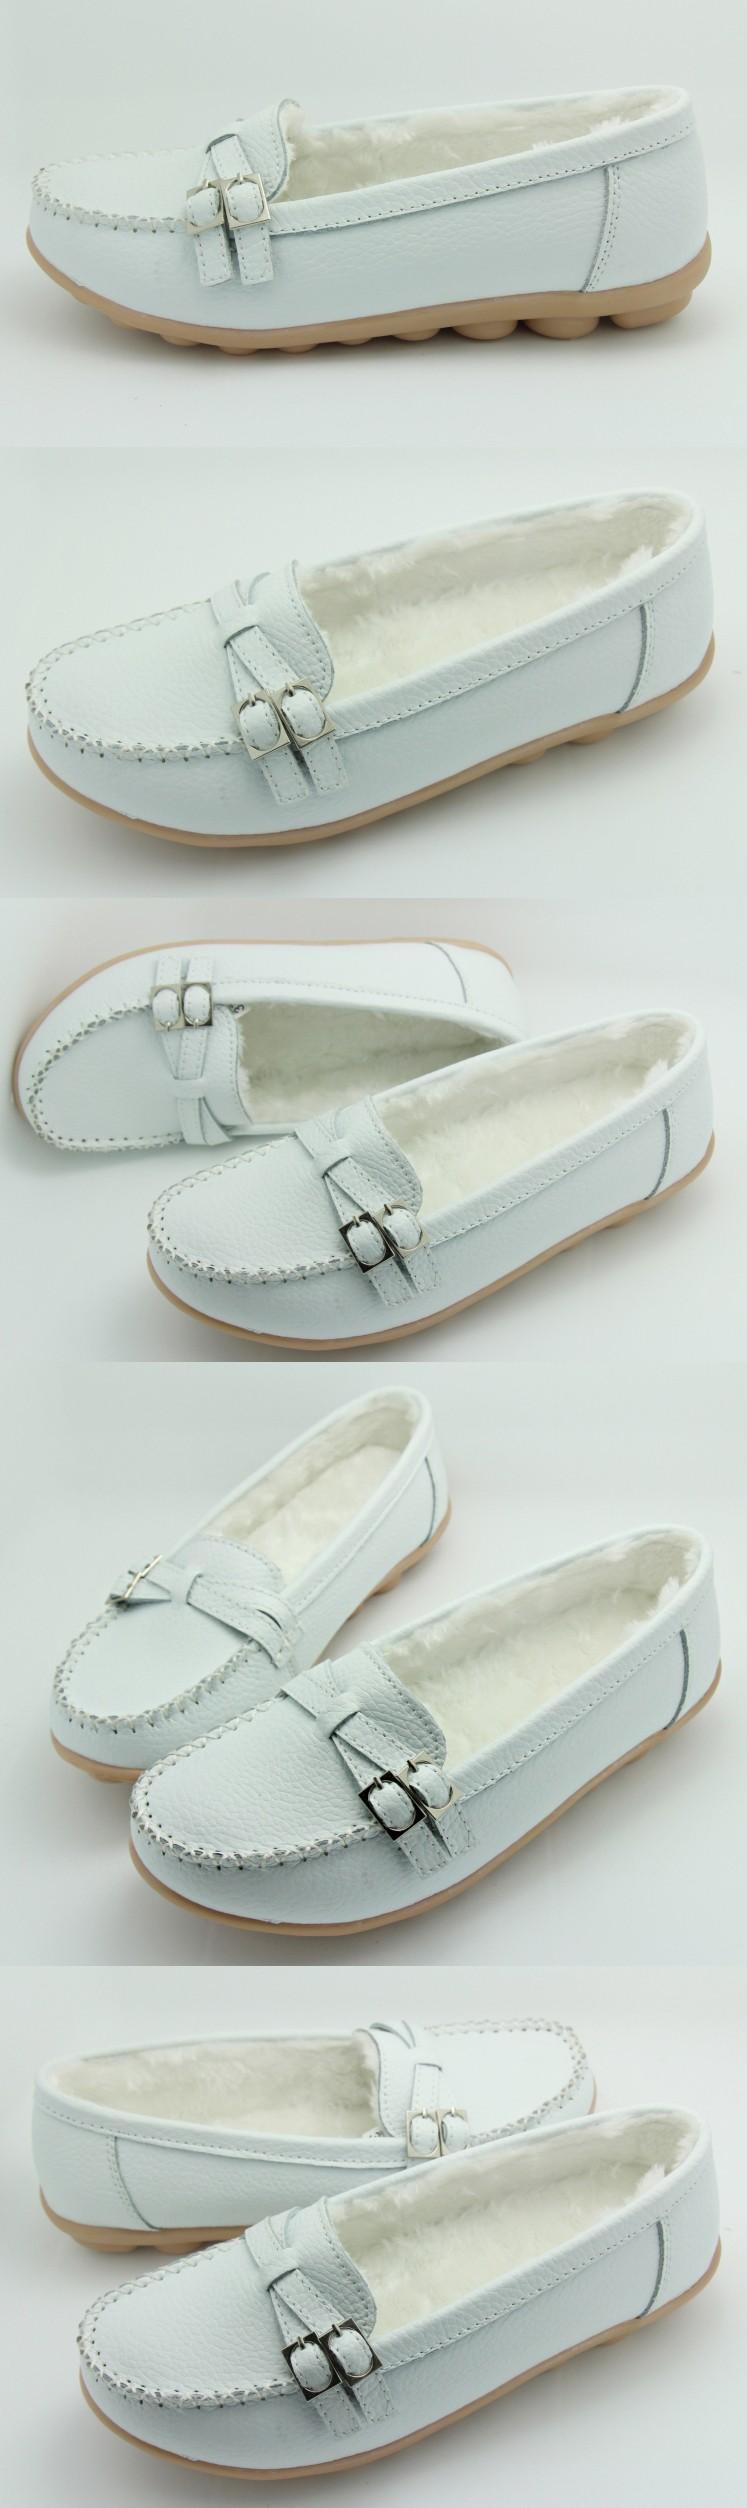 ซื้อ ใหม่ผู้หญิงฤดูหนาวตุ๊กตาแบนรองเท้าหนังแท้S Apatos Femininosแม่รองเท้าหนังนิ่มสบายC Omfortรองเท้าขับรถ, 227-1